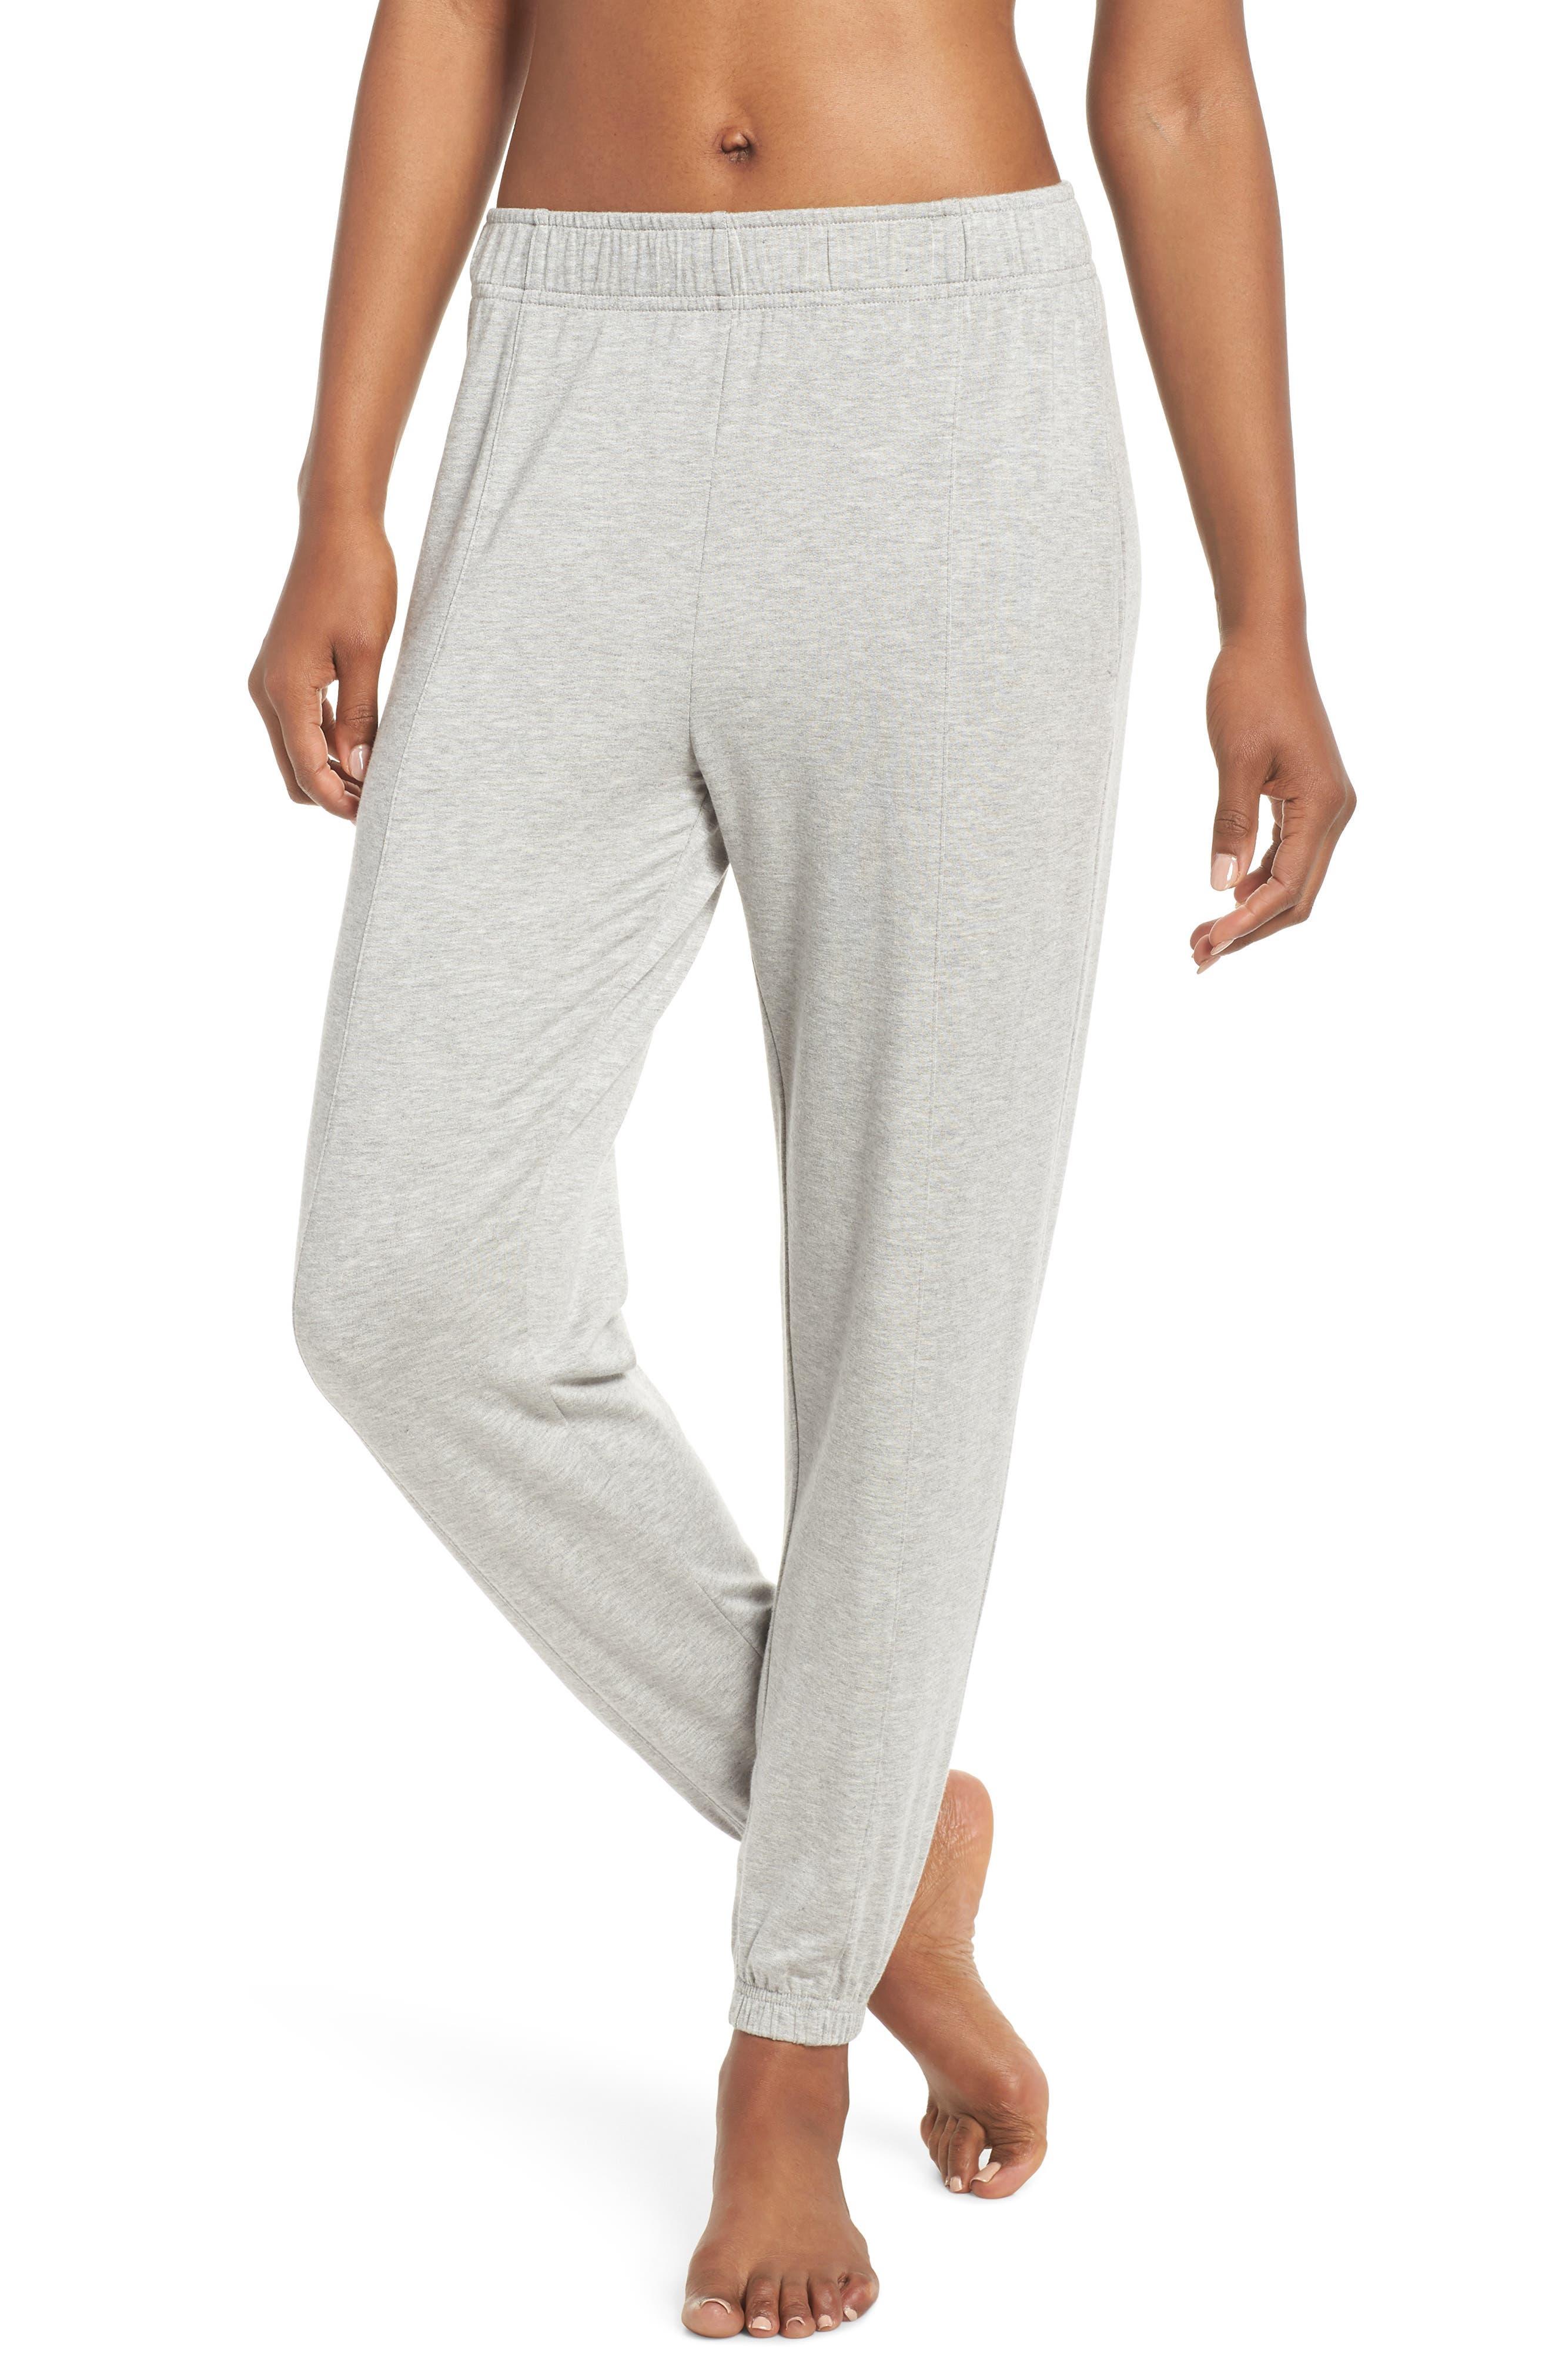 Marina Sweat Pants,                         Main,                         color, LIGHT HEATHER GREY